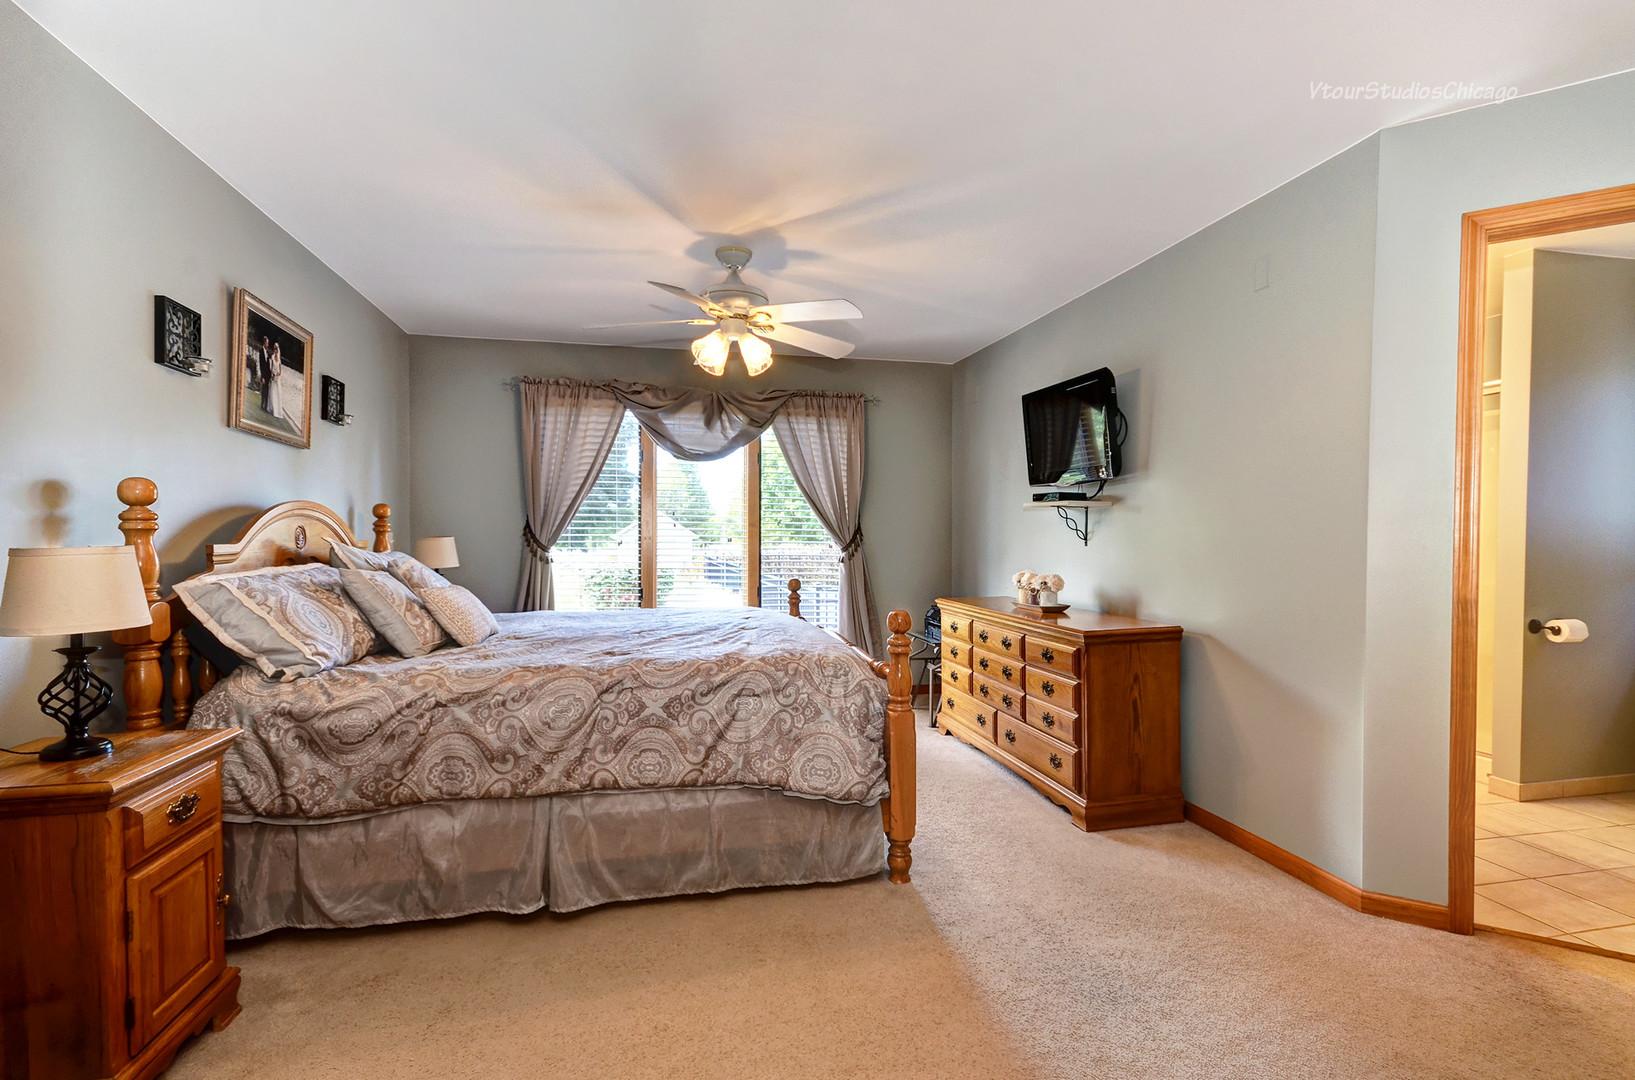 12576 Mitchell, PLANO, Illinois, 60545